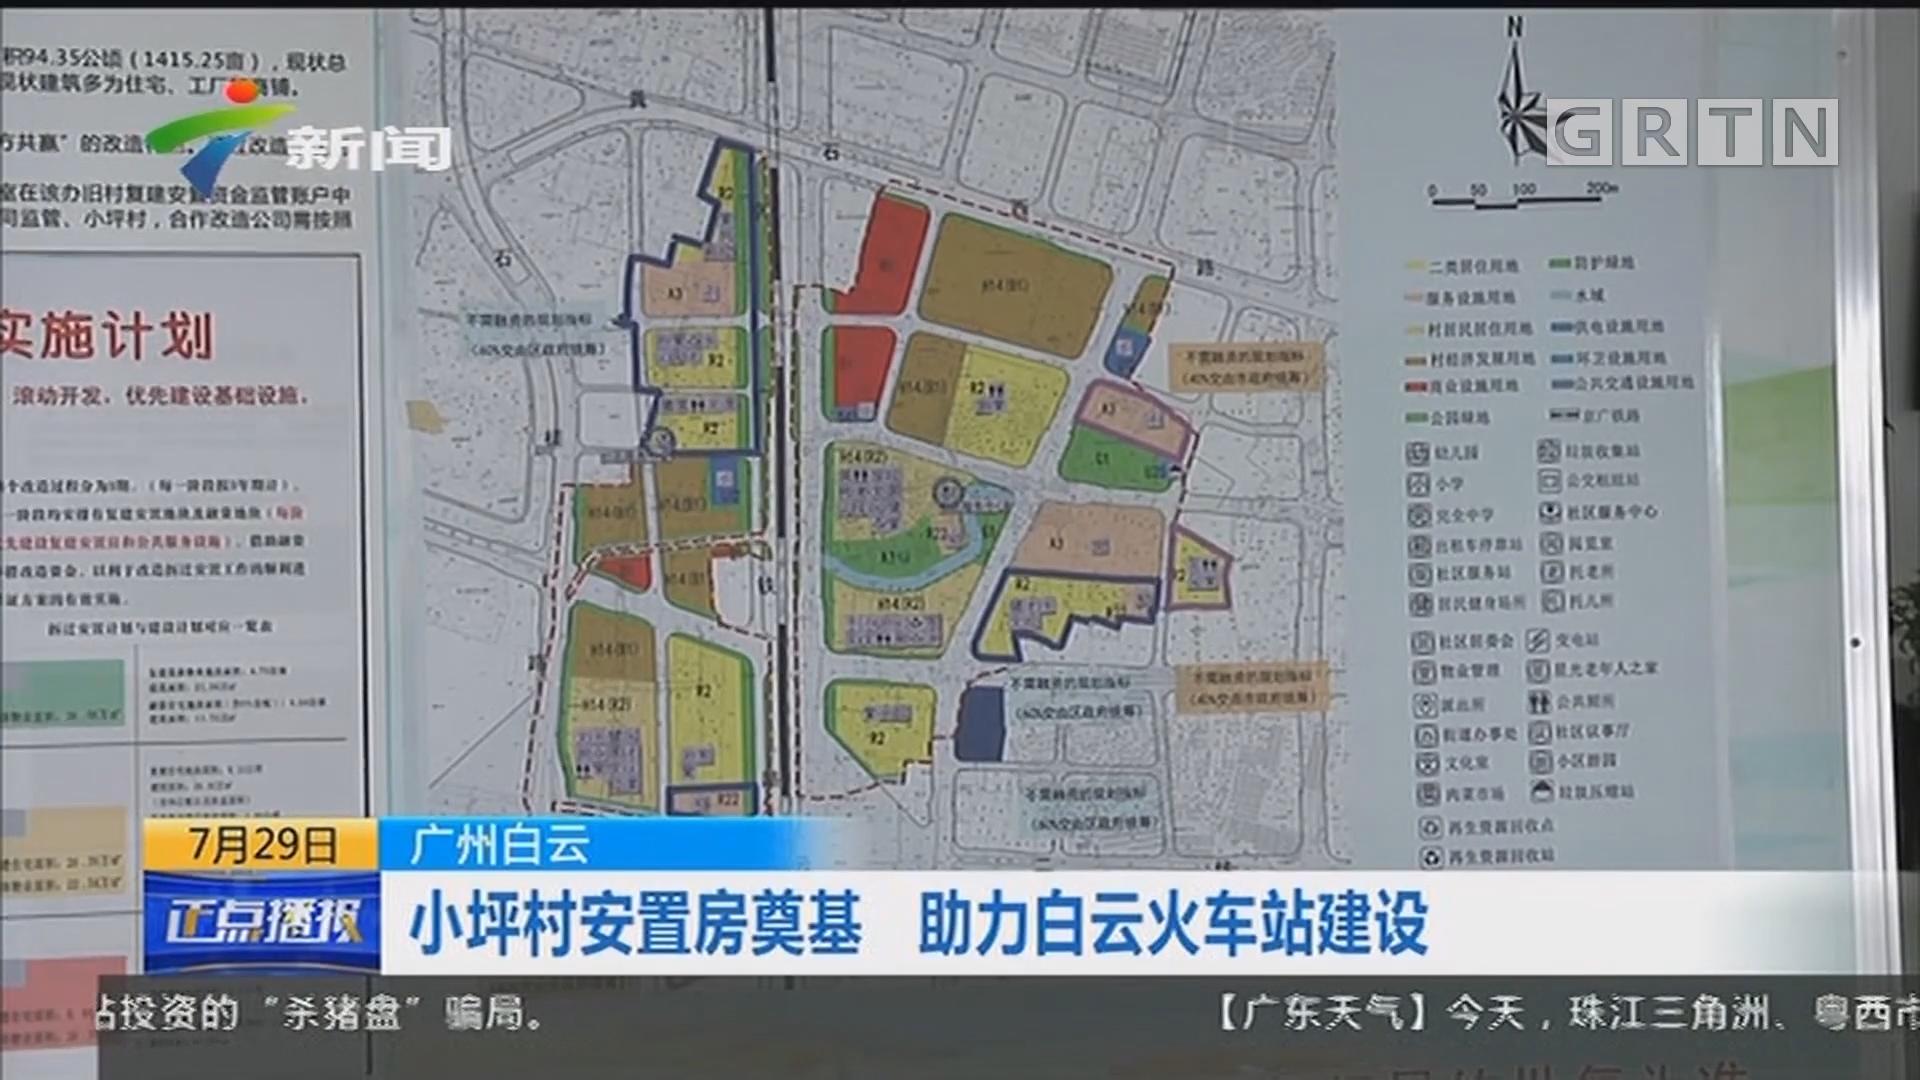 广州白云:小坪村安置房奠基 助力白云火车站建设